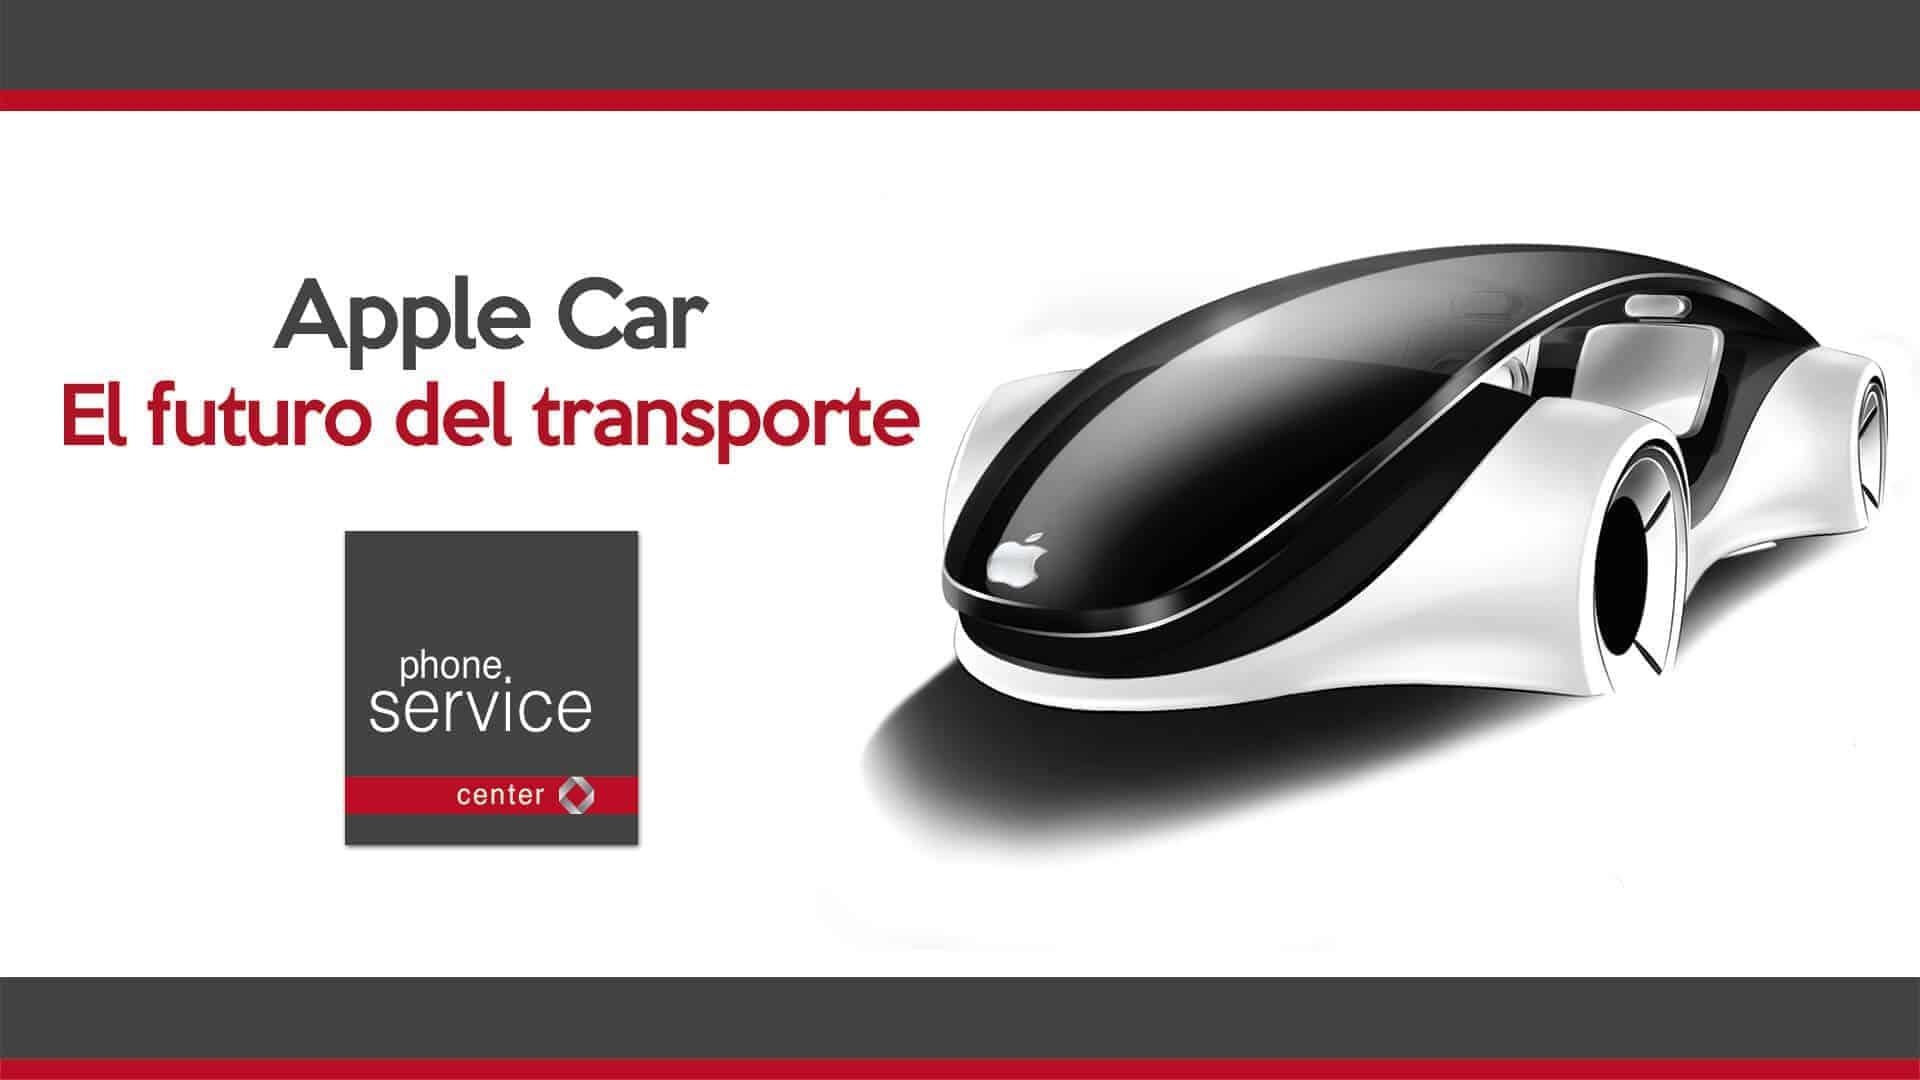 apple-car-el-futuro-del-transporte